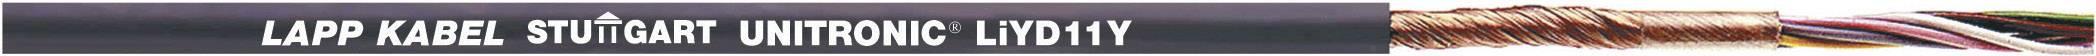 Dátový kábel LappKabel 0033204 UNITRONIC® LiYD11Y, 4 x 0.14 mm², čierna, metrový tovar